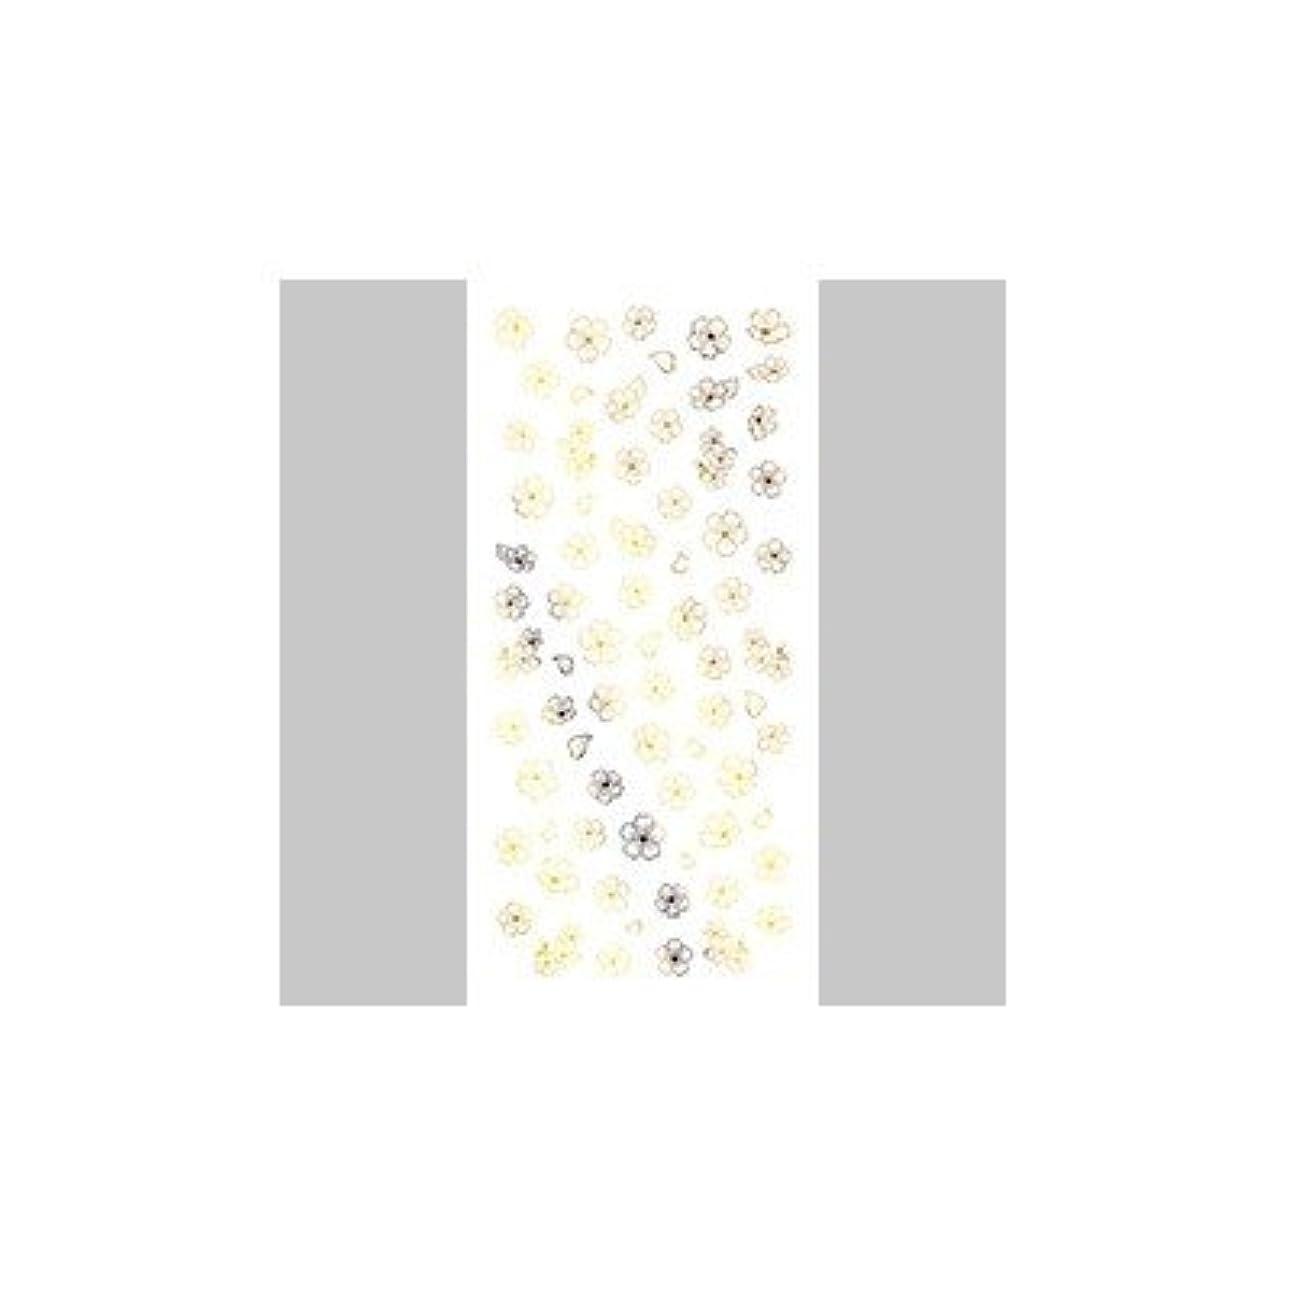 匹敵します宿アラブサラボツメキラ(TSUMEKIRA) ネイル用シール さくら5 ゴールド SG-SKR-502